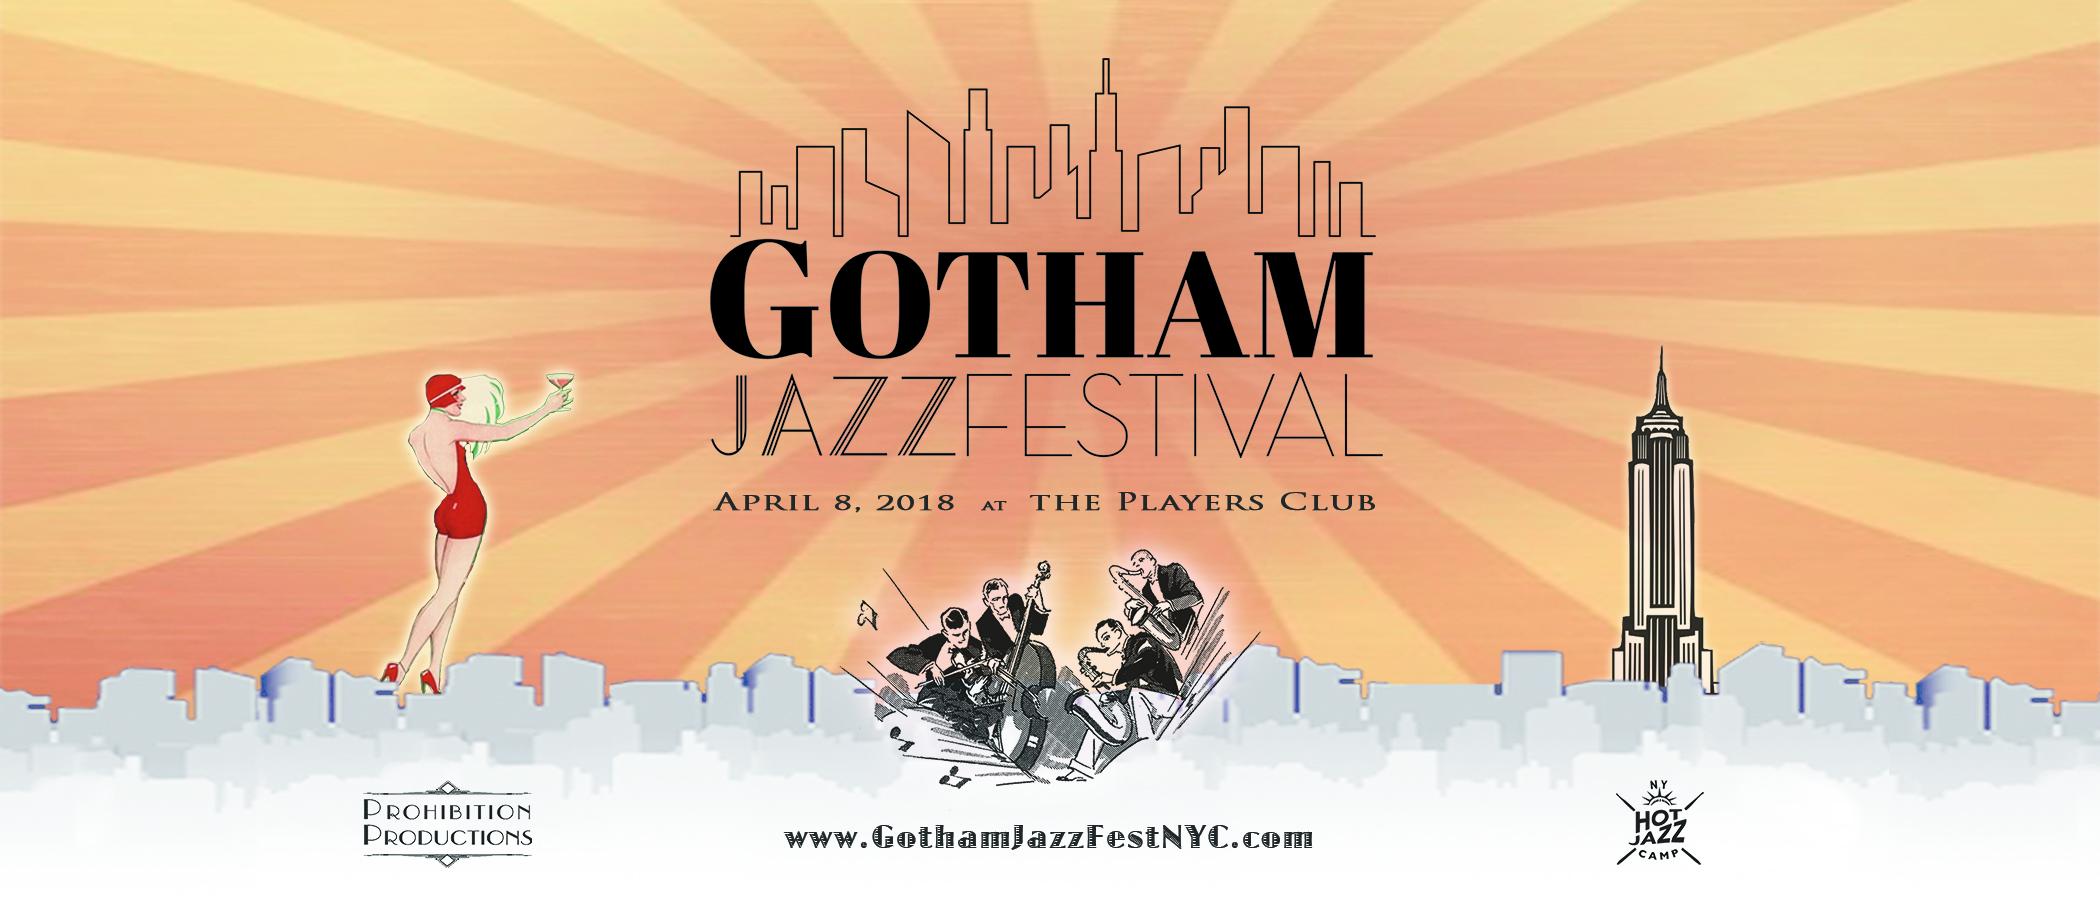 GOTHAM-JAZZ-FESTIVAL-banner-wider2.jpg